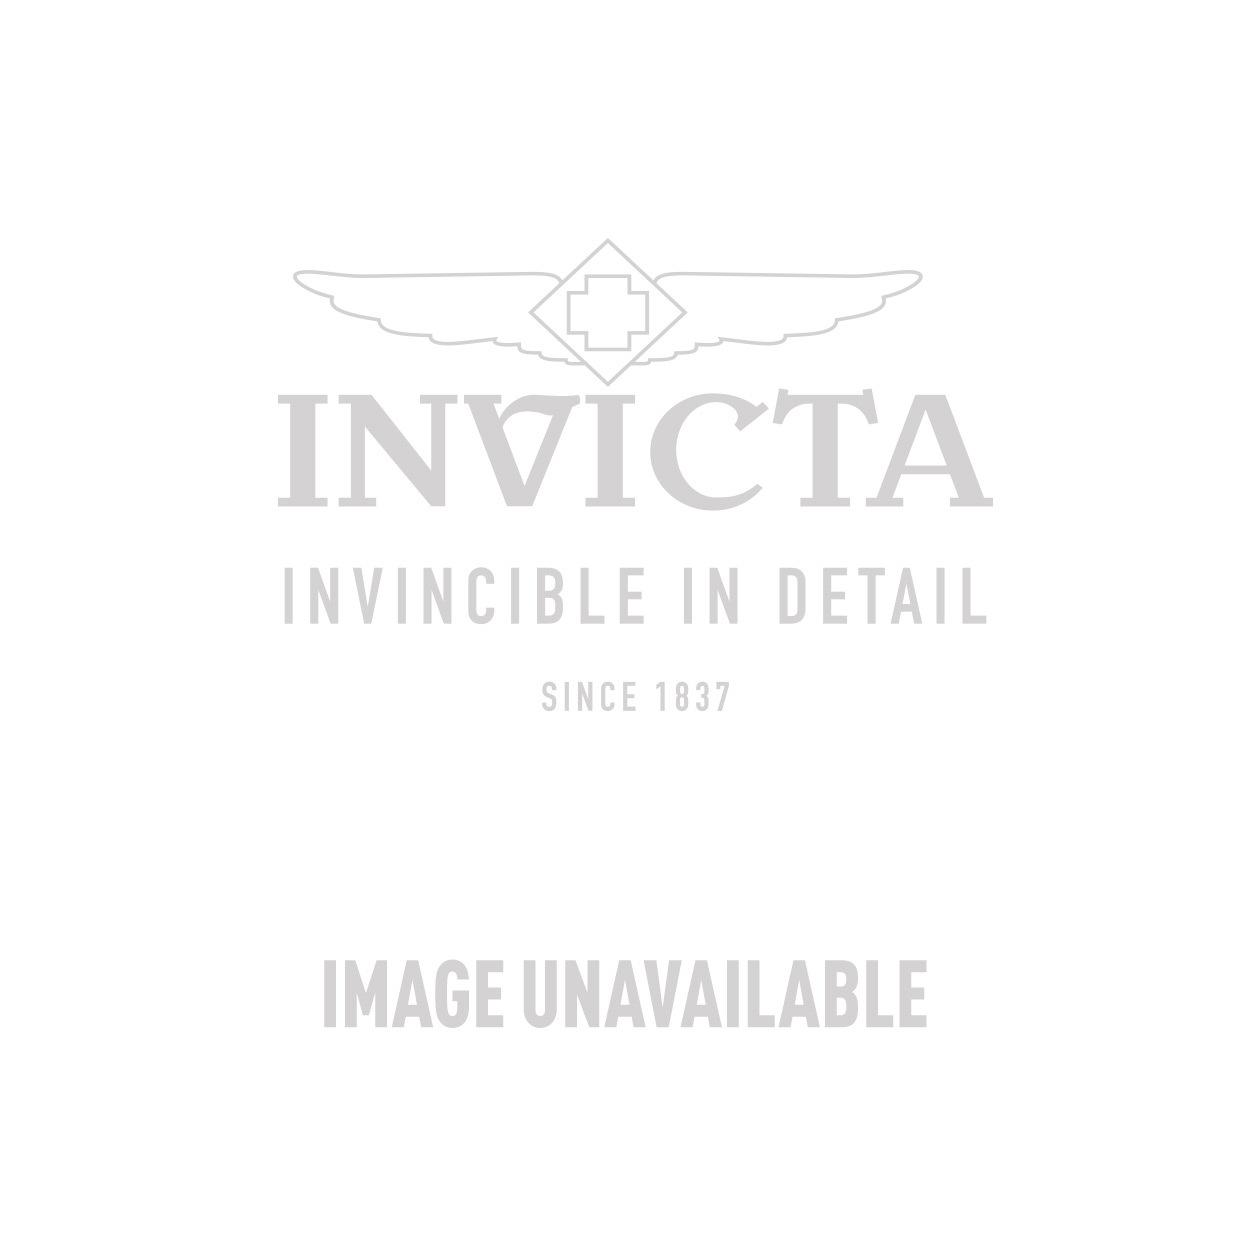 Invicta Model 29343